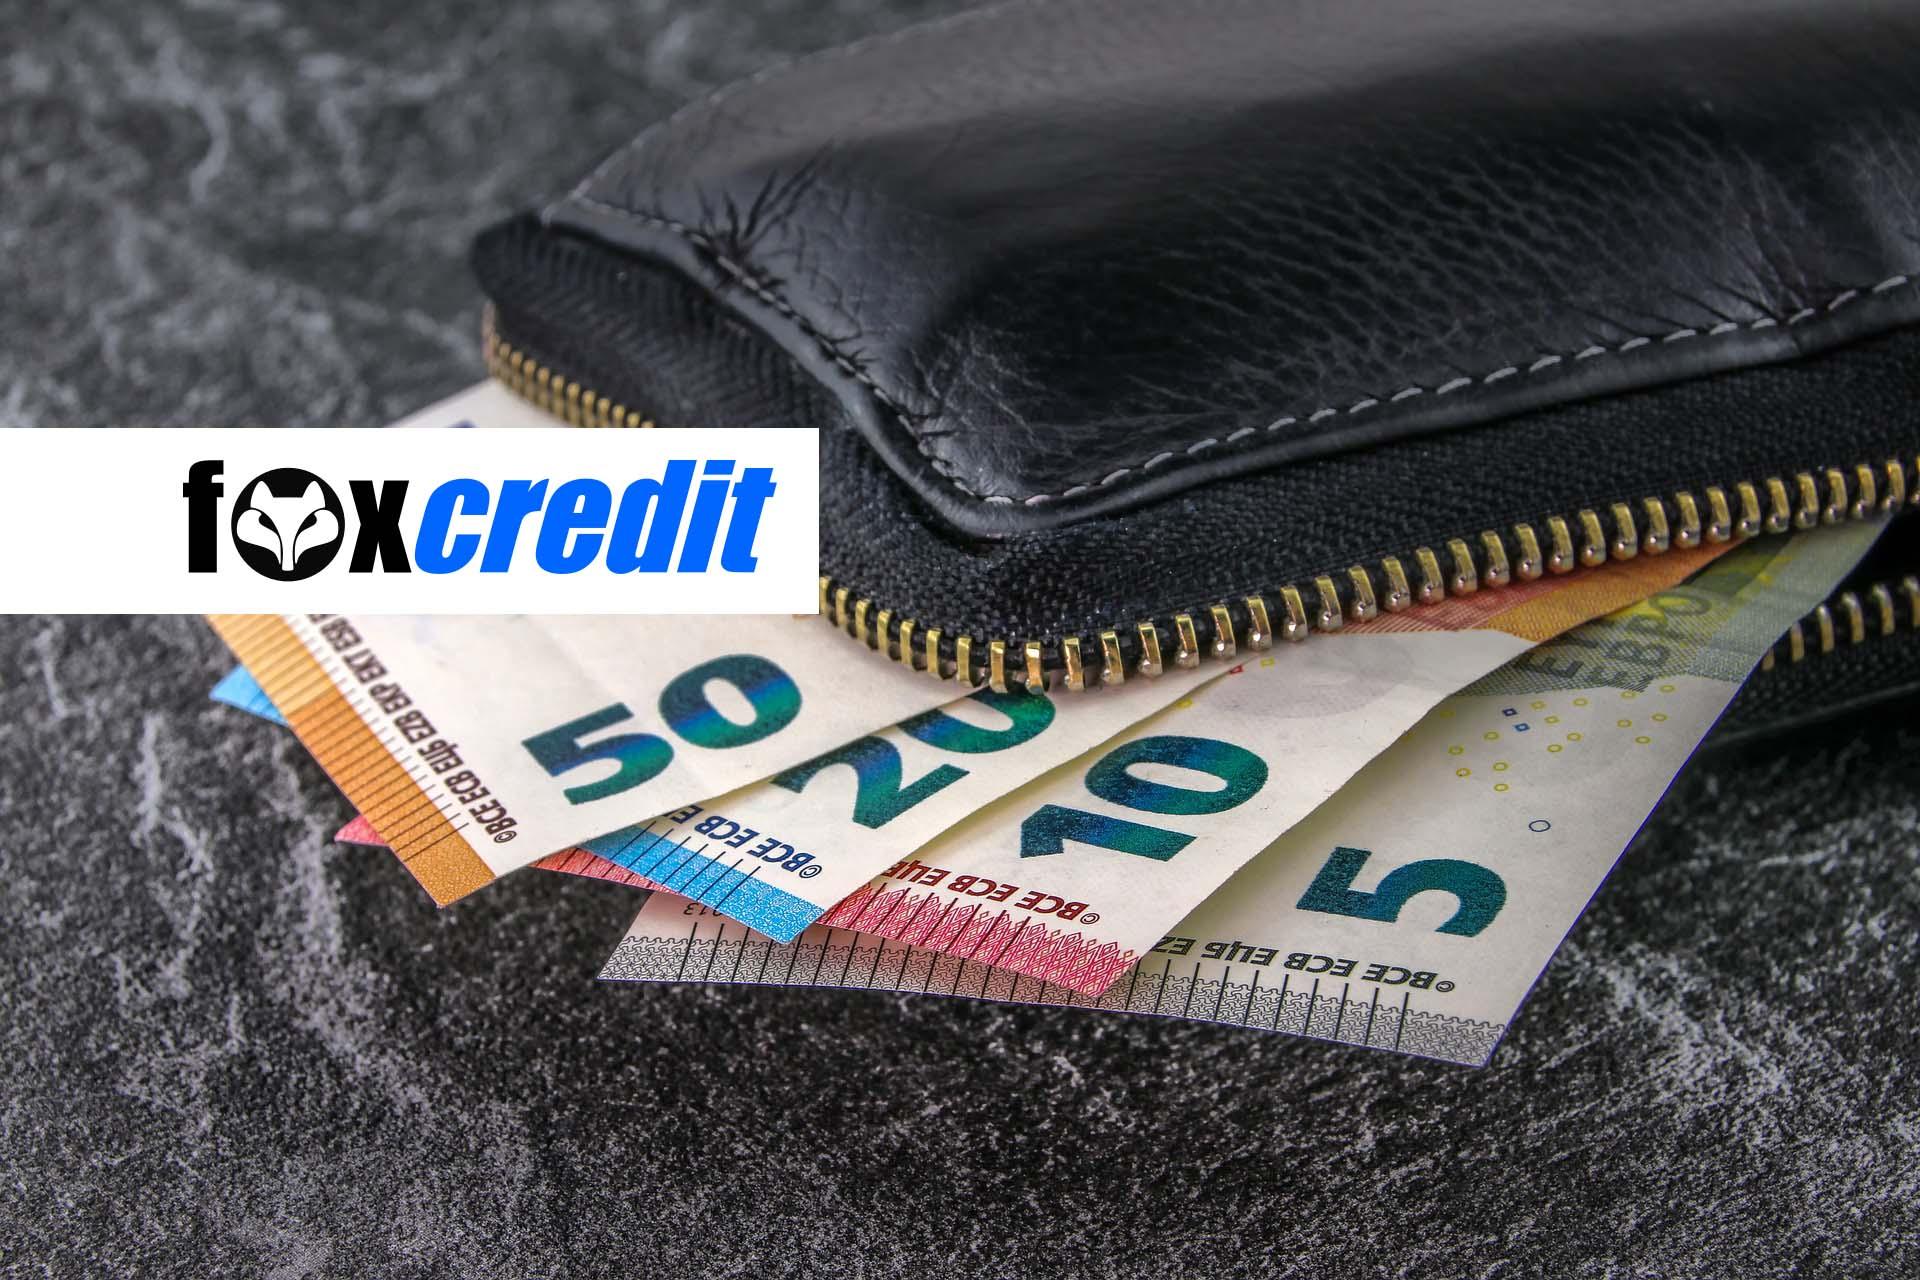 Hypothek, Immobilien, Krankenkasse, Versicherungen, Traum, Fantasie, Geldautomat, Bankomat, Bancomat, ATM, Crowdlending, Lend, Kredit Schweiz, Online-Kredit, Maximalzins, Zinsobergrenze, Fuchs, Bankgeheimnis, Kreditregister, Gold, Sparen, Leitzins, Geldschwemme, Foxcredit, Kleinkredit, Online Kredit, Onlinekredit, Finanzierung, Kredit, loan, Leasing, Zinssatz, Bank, Bankkonto, Bitcoin, Eurozone, Euro, Franken, Krypto, Dollar, Auto Kredit, Ferien Kredit, Wein Kredit, Immo Kredit, Raten Kredit, Medi Kredit, Privat Kredit, Klein Kredit, Sofort Kredit, Umschuldungskredit, Raten Kredit,bBudget, Reichtum, Milliarden, Pfandleihhaus, Festgeld, Bafin, Bankenaufsicht, Kreditwürdigkeit, Webtech Media, WebTech, Website Design, Website Flaterate, webtech2web, Girokonto, WestLotto, Euromillions, Deutsche Lotterie, Lotto, Jackpot, CrediMaxx, Budget Check, BudgetCheck, Budget Credit Check, Ava, Ava trade, avatrade, trading, Hotfox, CapTrader, Kaiserslautern, Darmstadt, Solingen, Regensburg, Paderborn, Ingolstadt, Ulm, Heilbronn, Pforzheim, Wolfsburg, Reutlingen, Koblenz, Bremer¬haven , Gladbach, Trier, Jena, Braunschweig, Aachen, Kiel, Chemnitz, Halle, Magdeburg, Freiburg, Krefeld, Mainz, Erfurt, Rostock, Kassel, Hagen, Potsdam, Ludwigshafen, Leverkusen, Heidelberg, Berlin, Hamburg, München, Köln, Frankfurt, Stuttgart, Düsseldorf, Leipzig, Dortmund, Essen, Bremen, Dresden, Hannover, Nürnberg, Duisburg, Bochum, Wuppertal, Bielefeld, Bonn, Karlsruhe, Mannheim, Augsburg, Wiesbaden, Deutschland, Bar Kredit, Barkredit, Eilkredit, Vexcash,